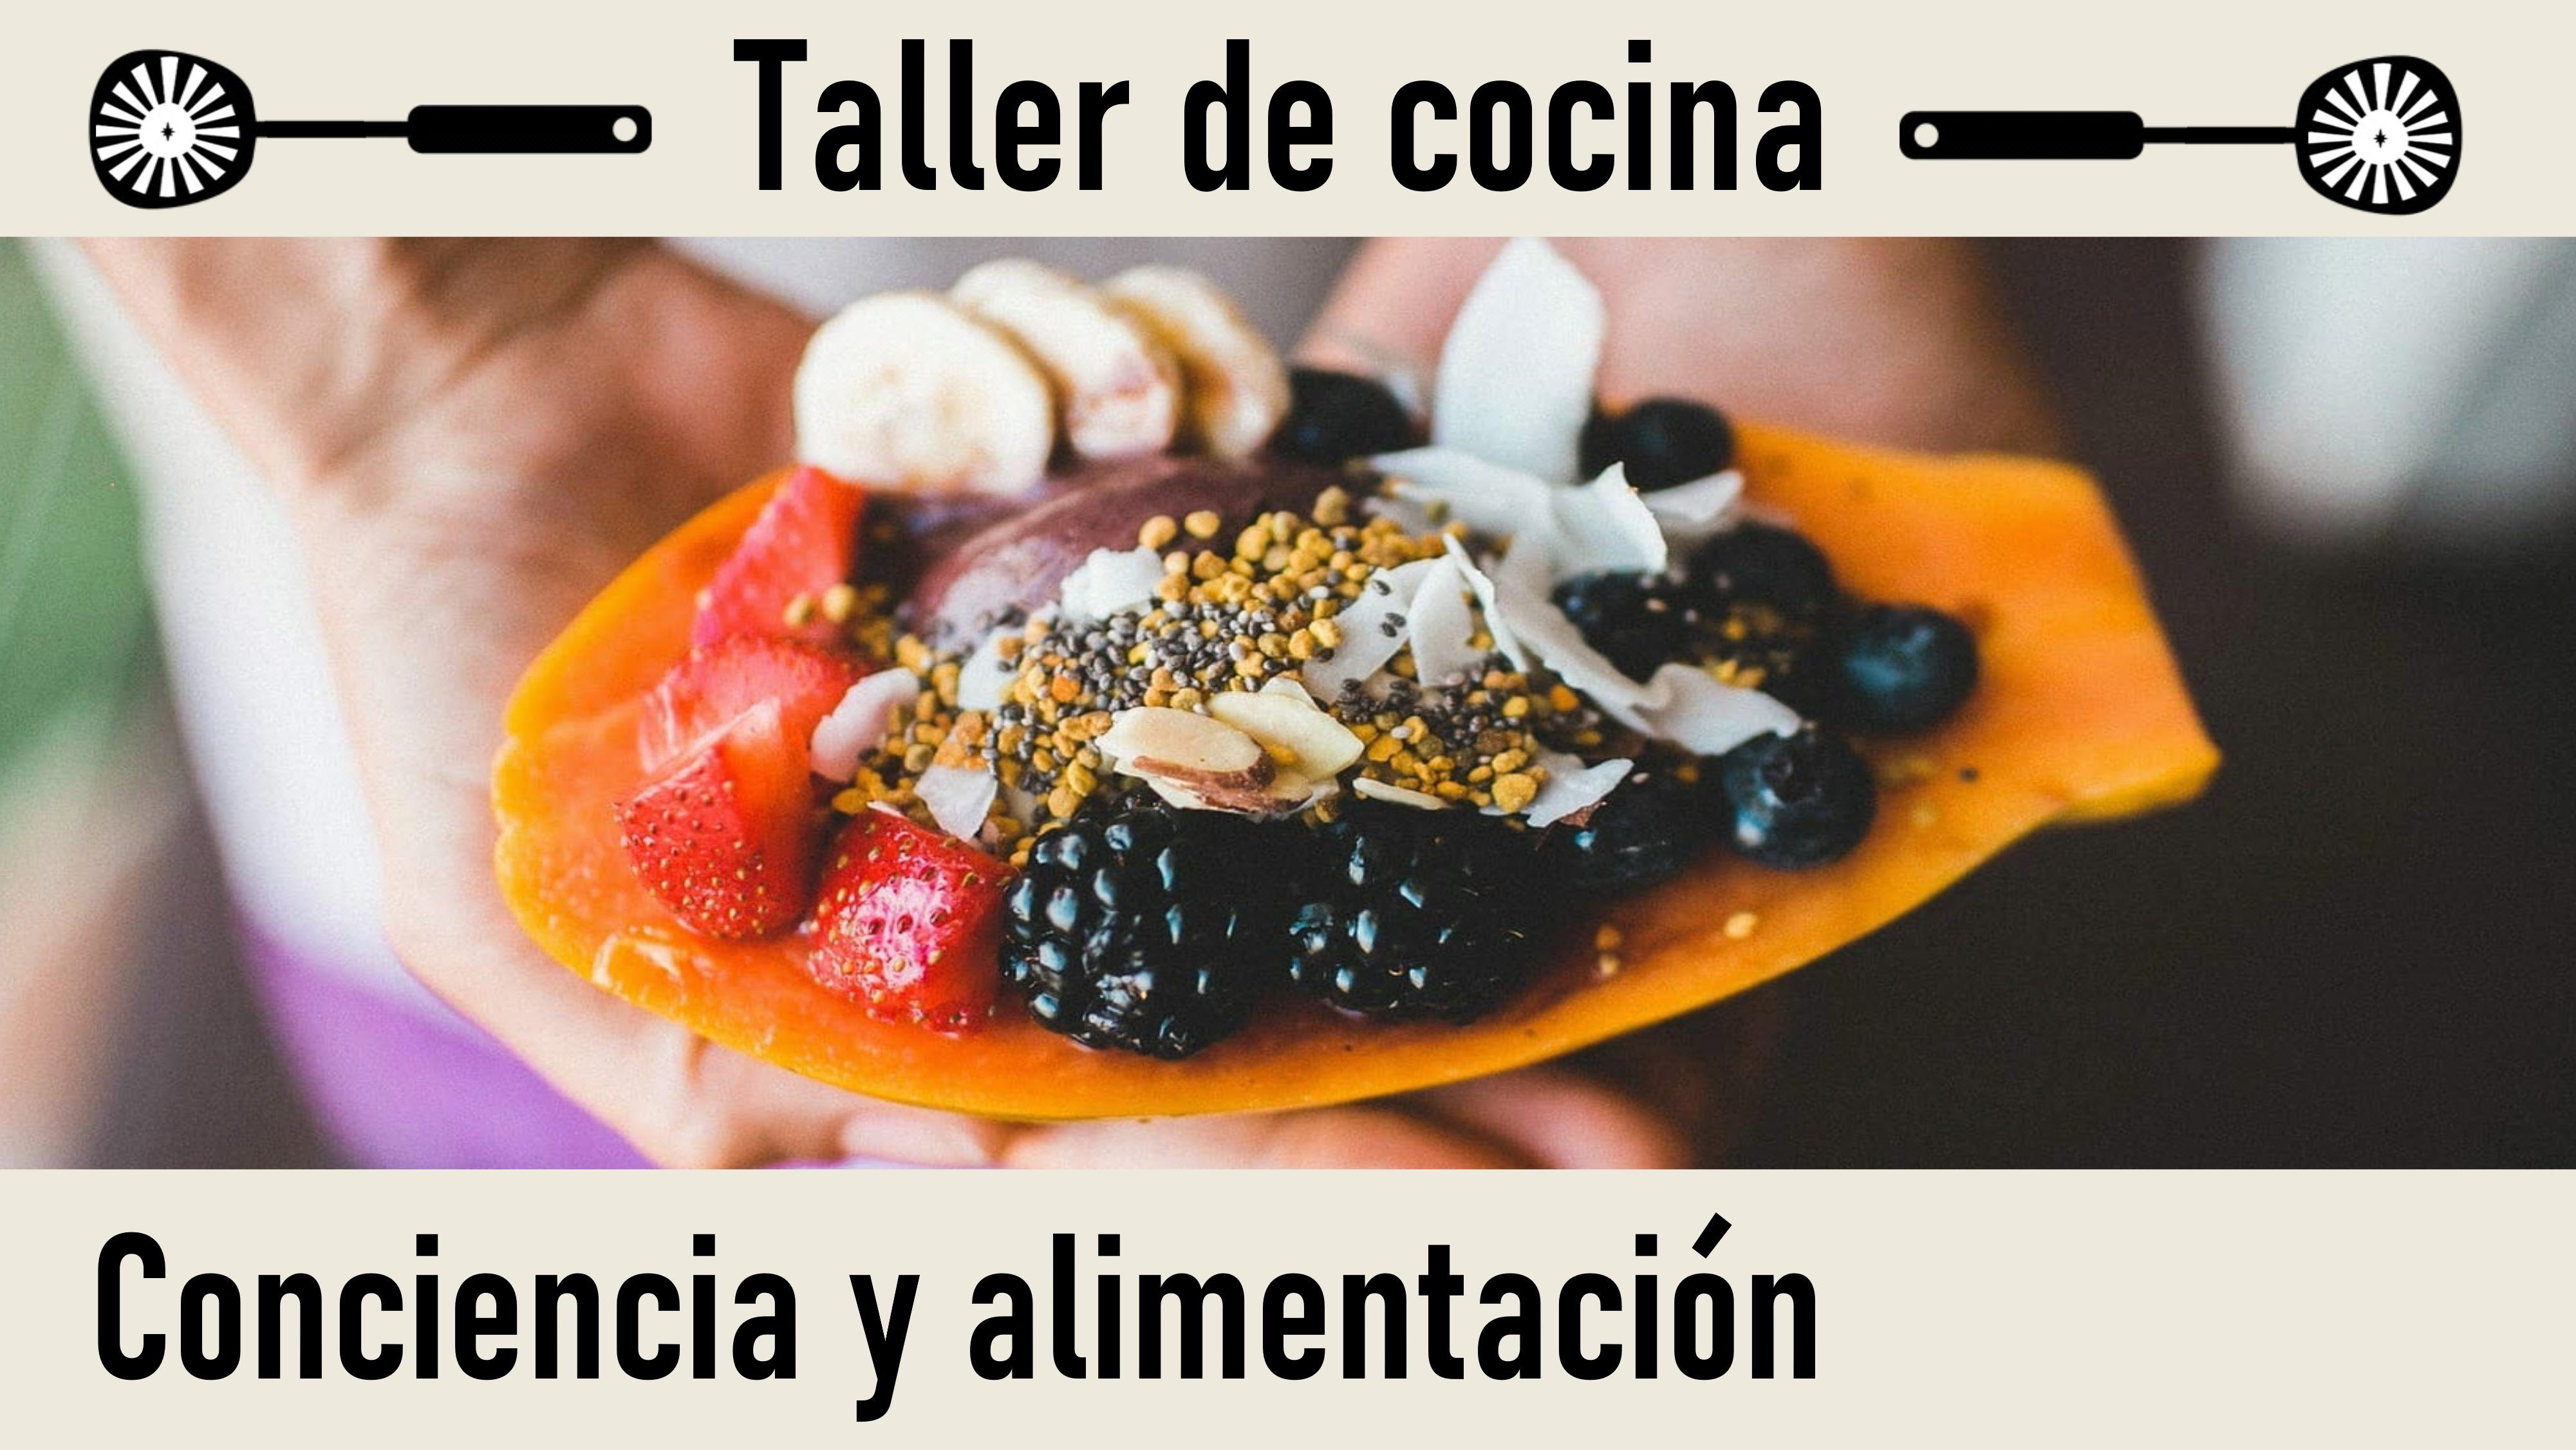 1 Junio 2020.Taller de Cocina-Conferencia: Conciencia y alimentación